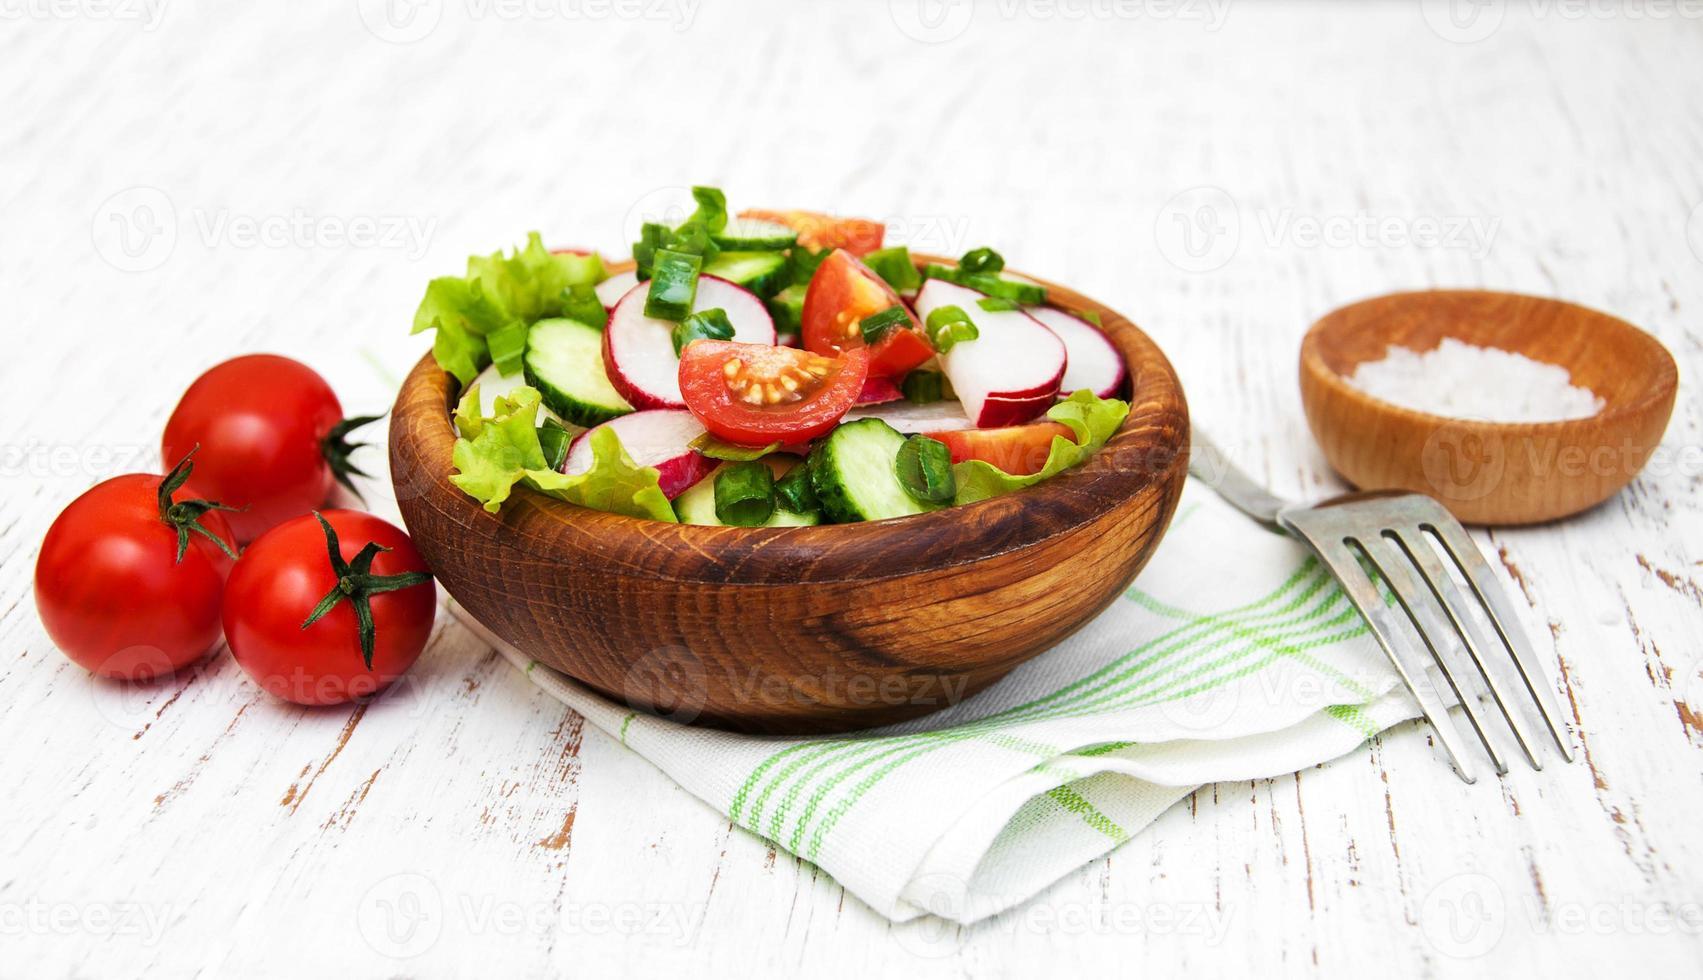 lentesalade met tomaat, komkommer en radijs foto